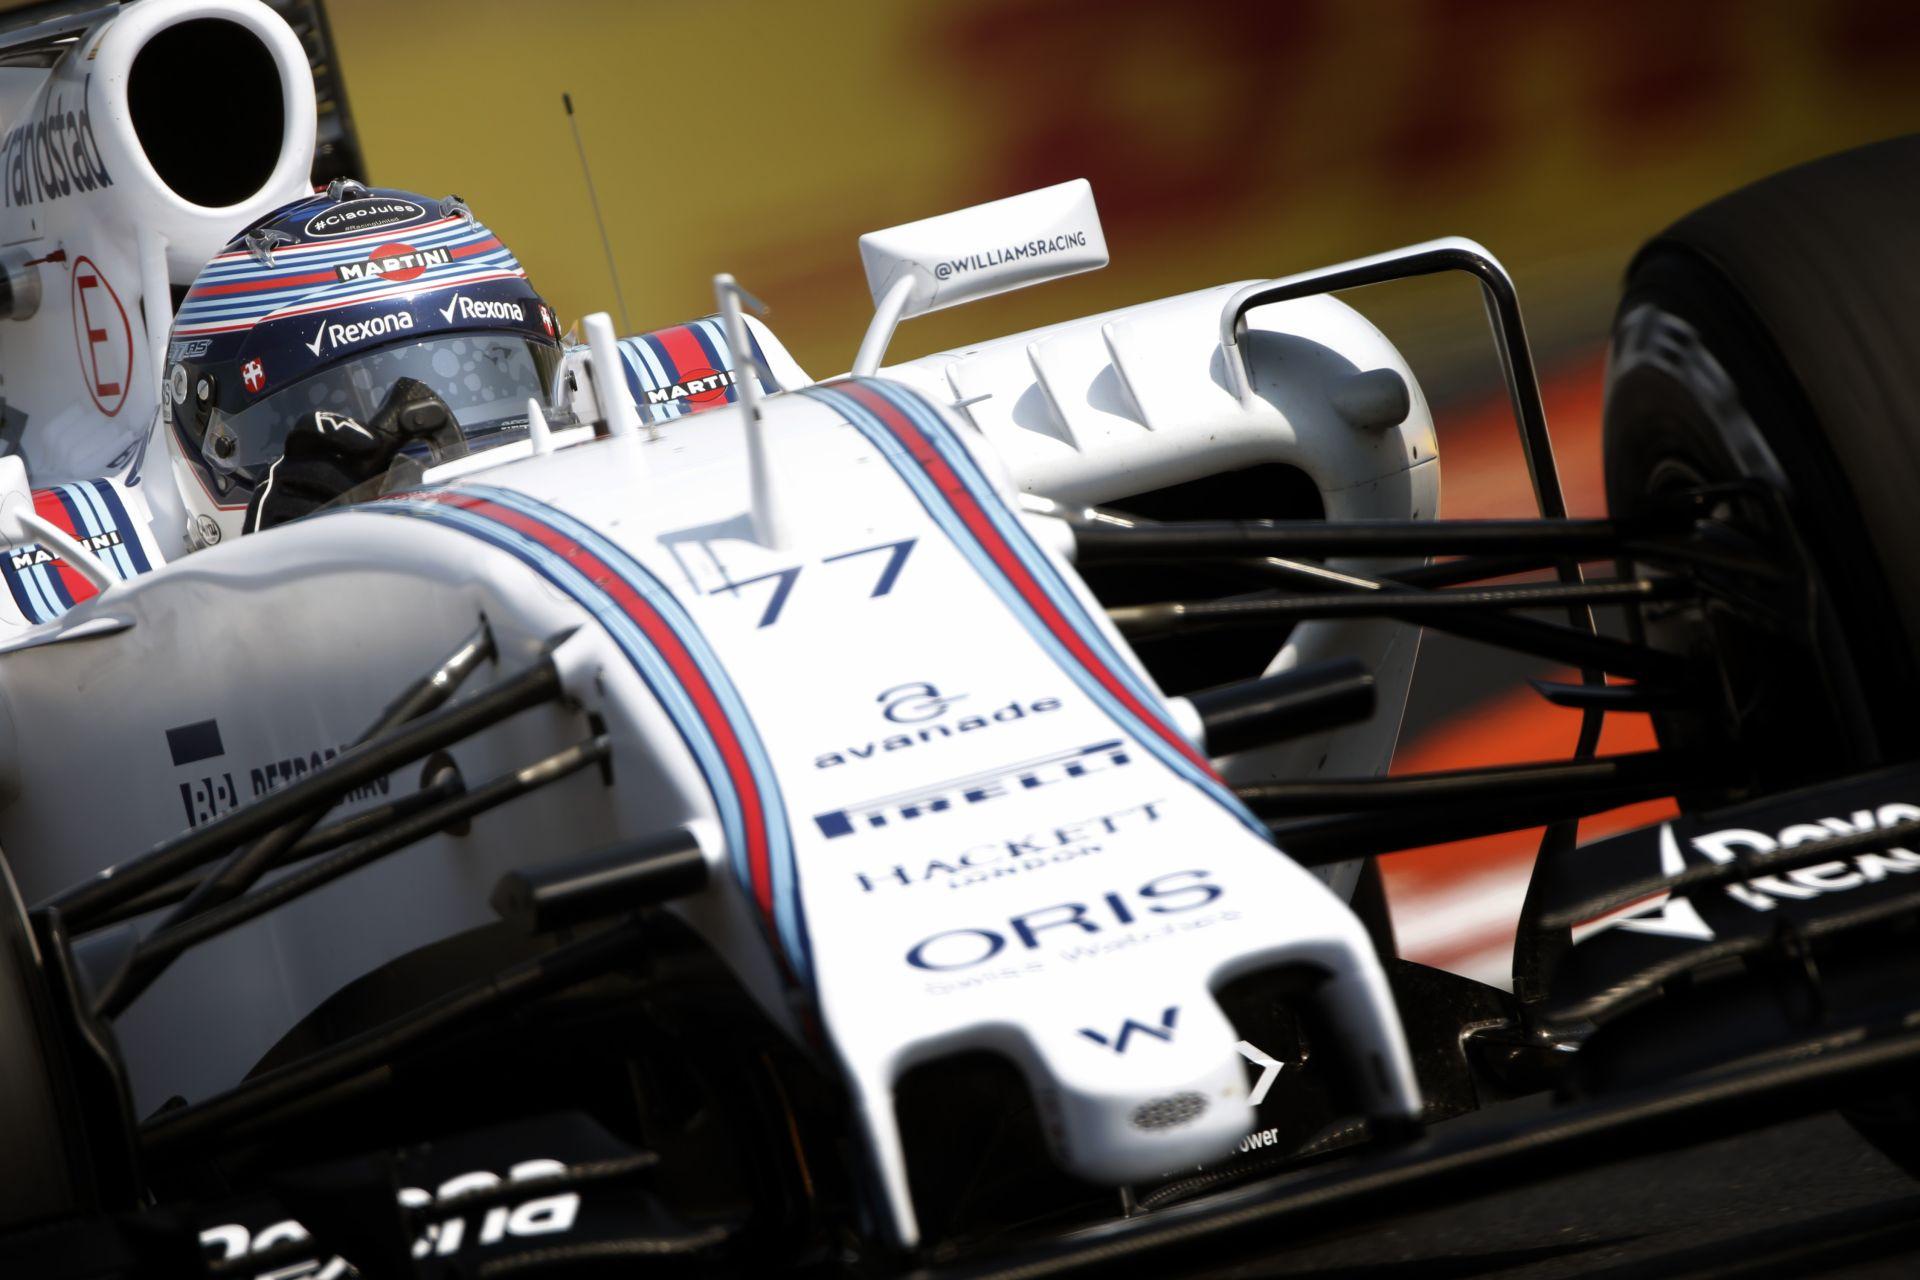 Jó jelek a Williamsnél: fejlődést eredményezett az új első szárny